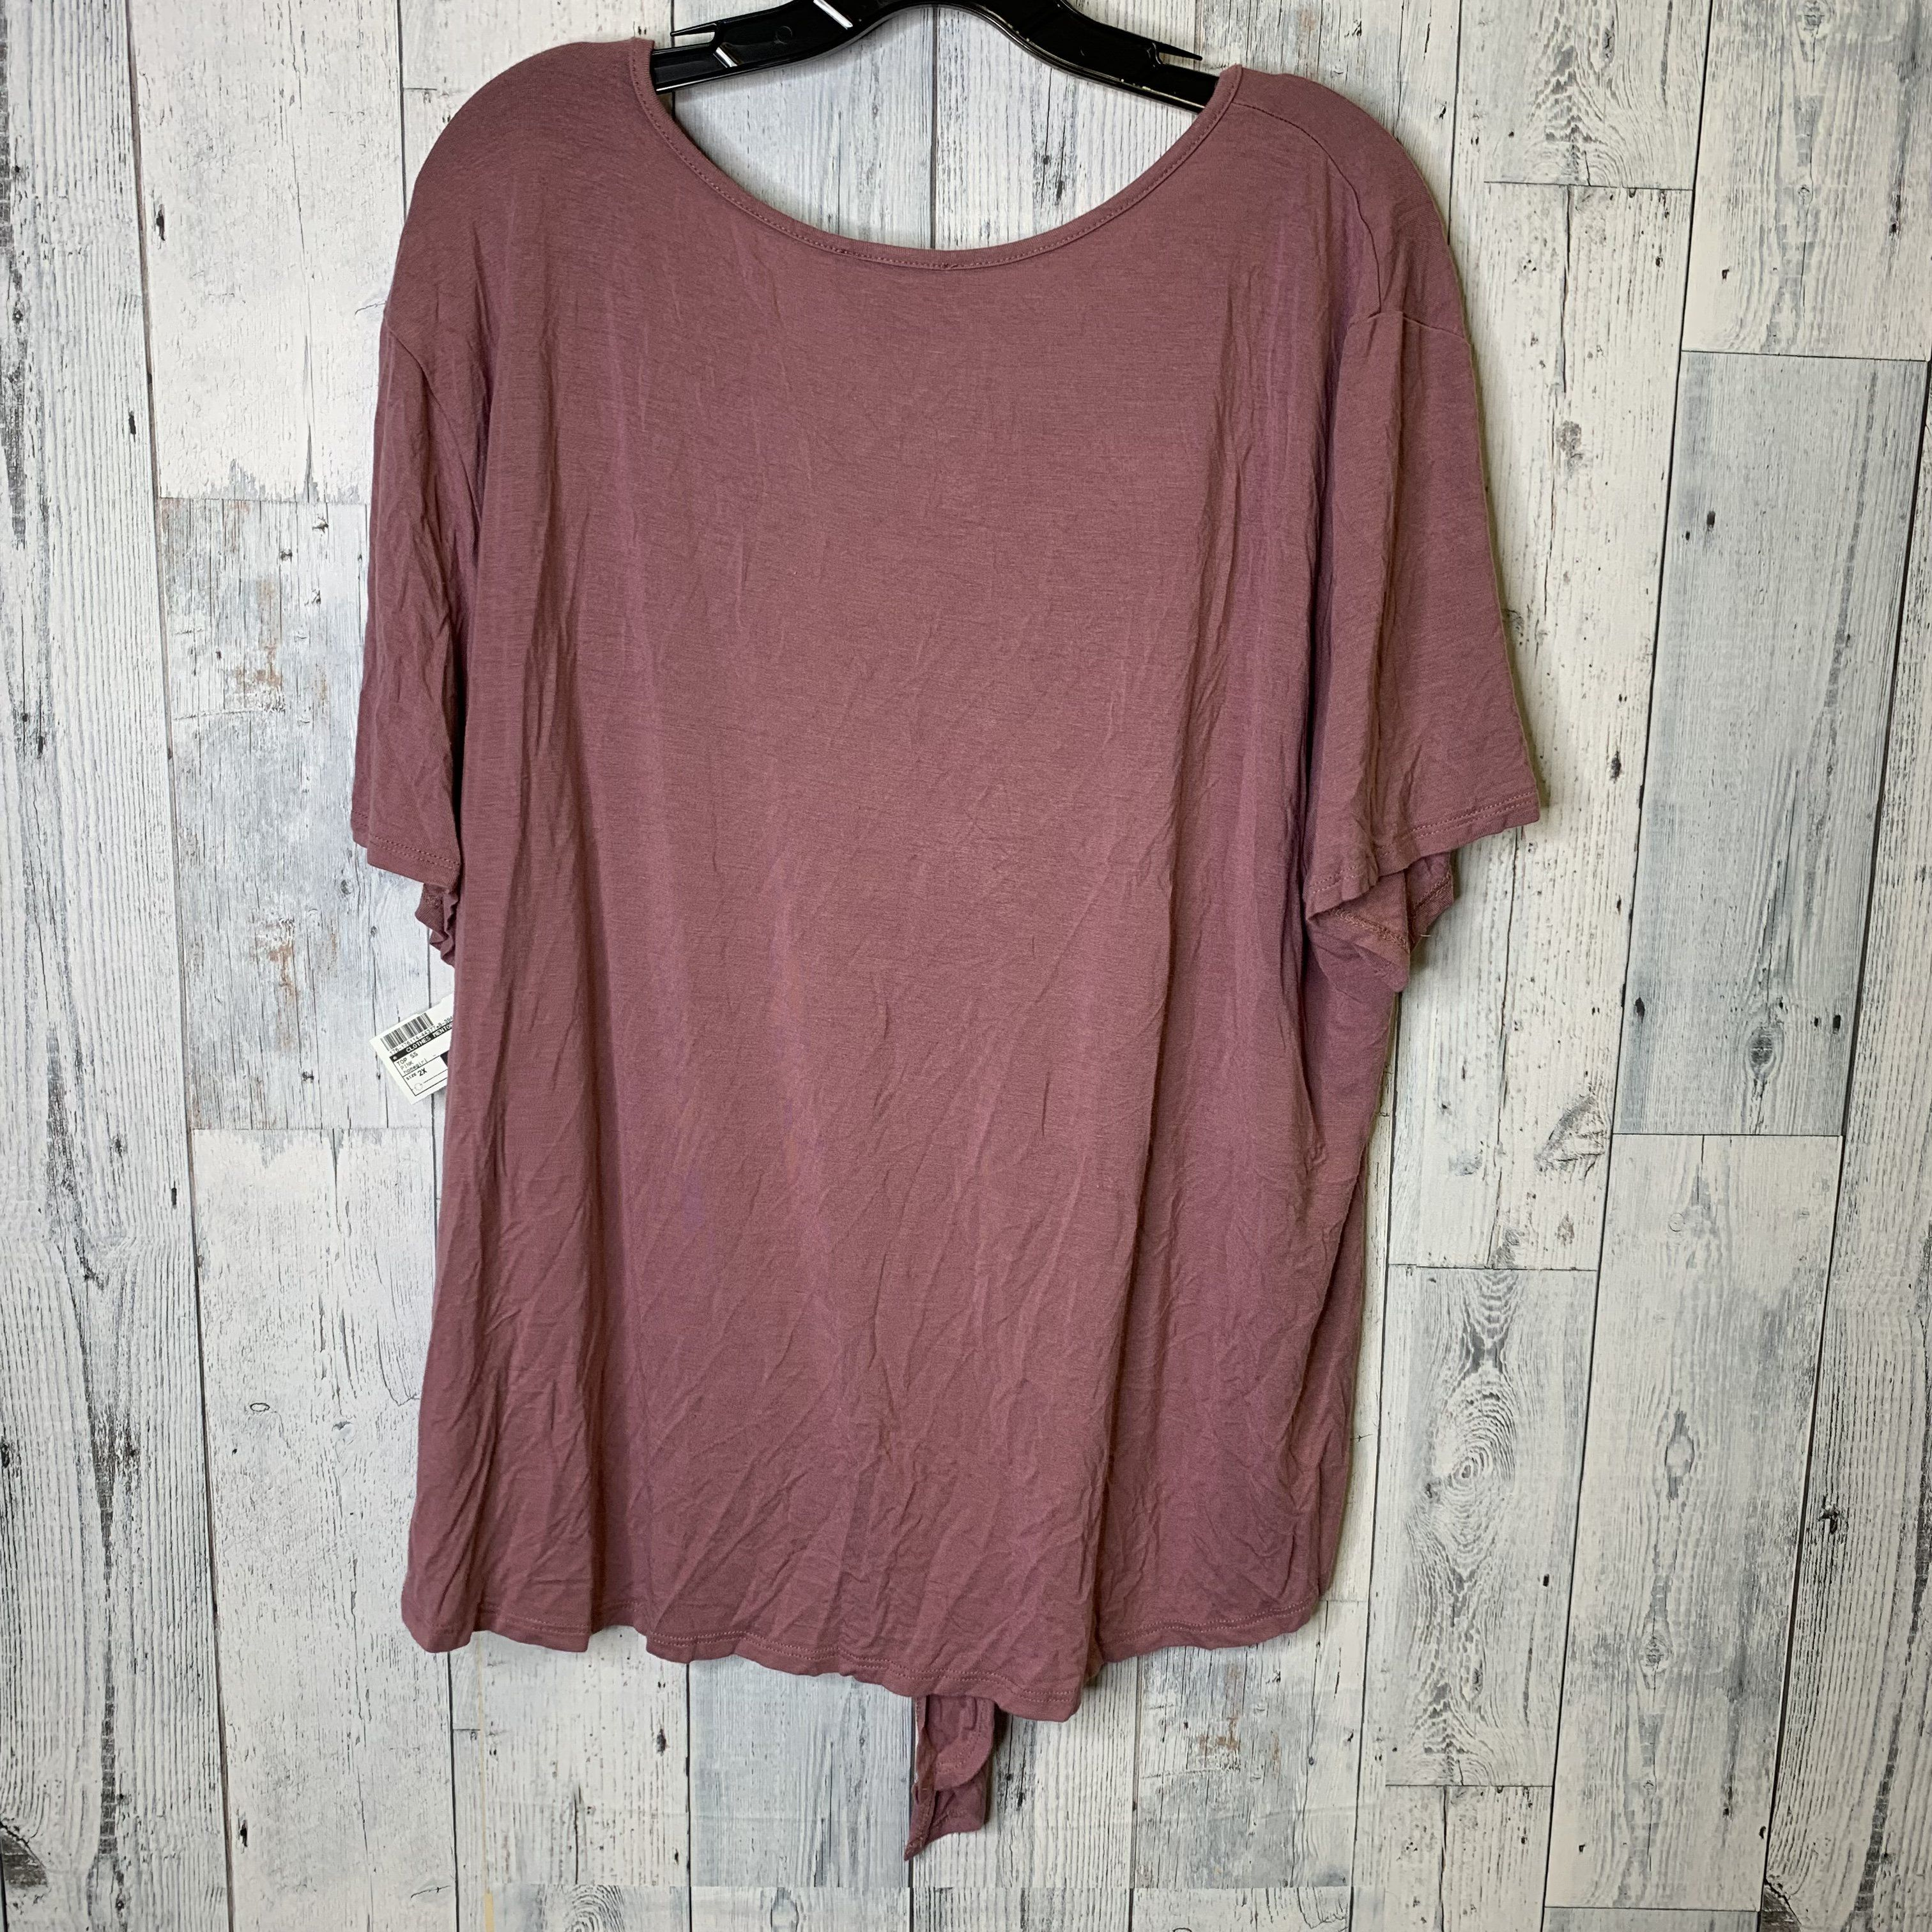 Top Short Sleeve By Homegirl  Size: 2x